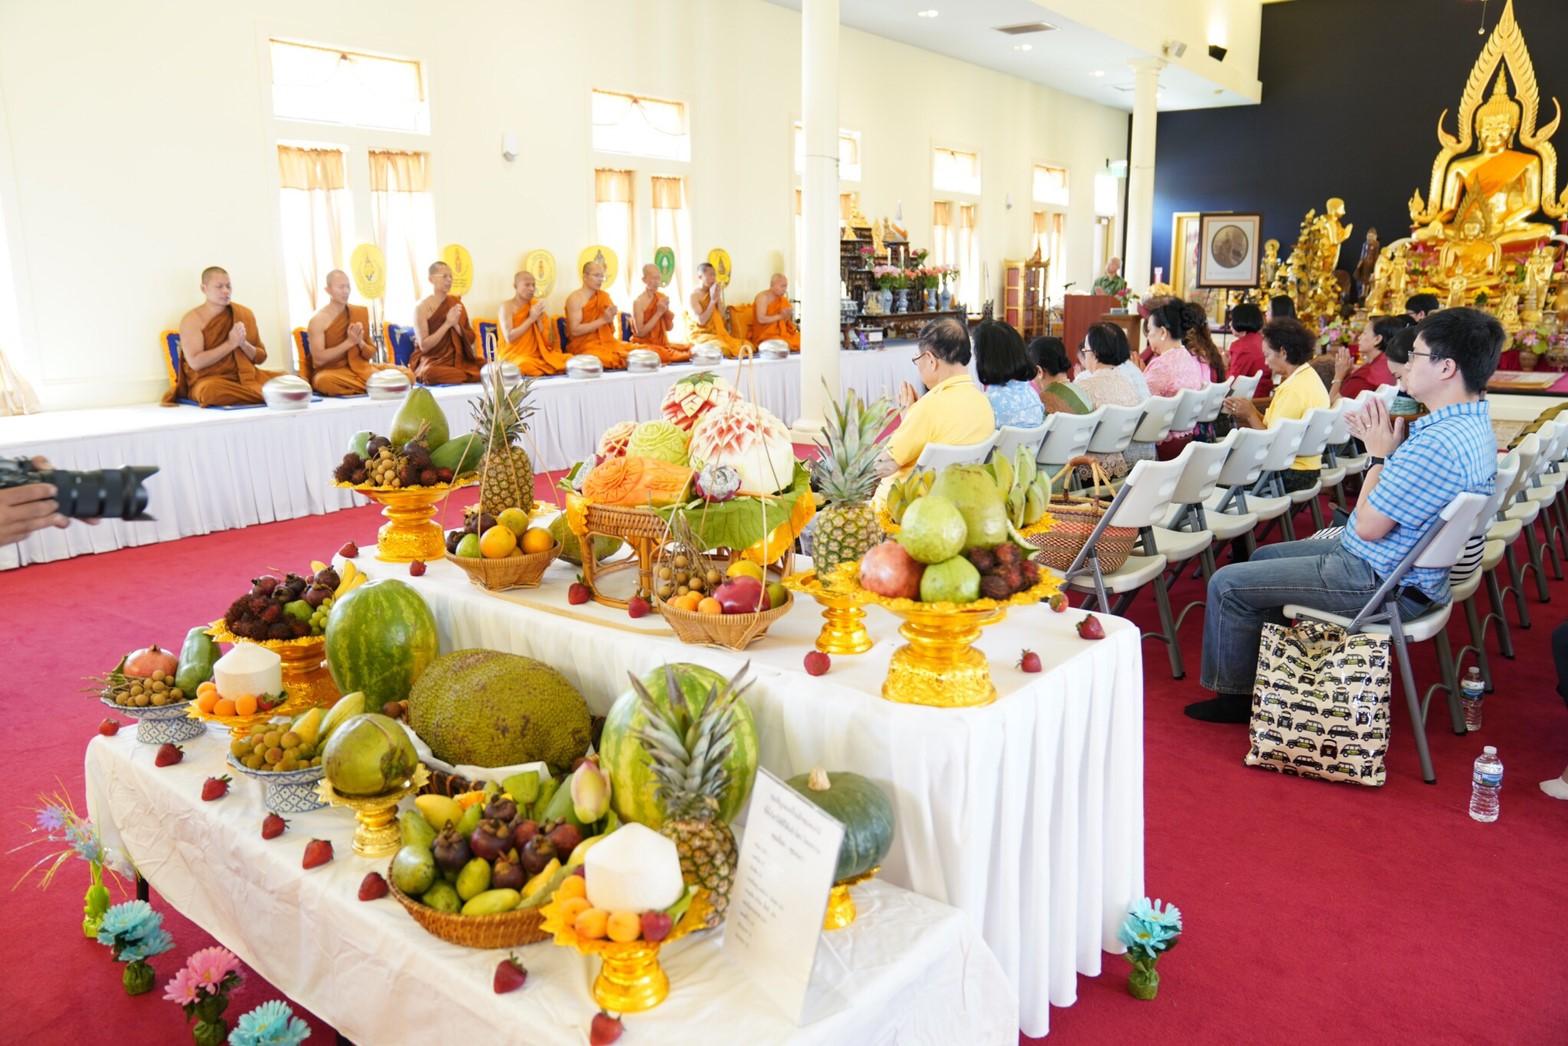 งานอาหารและผลไม้ไทย วัดญานรังษี 23 มิ.ย.